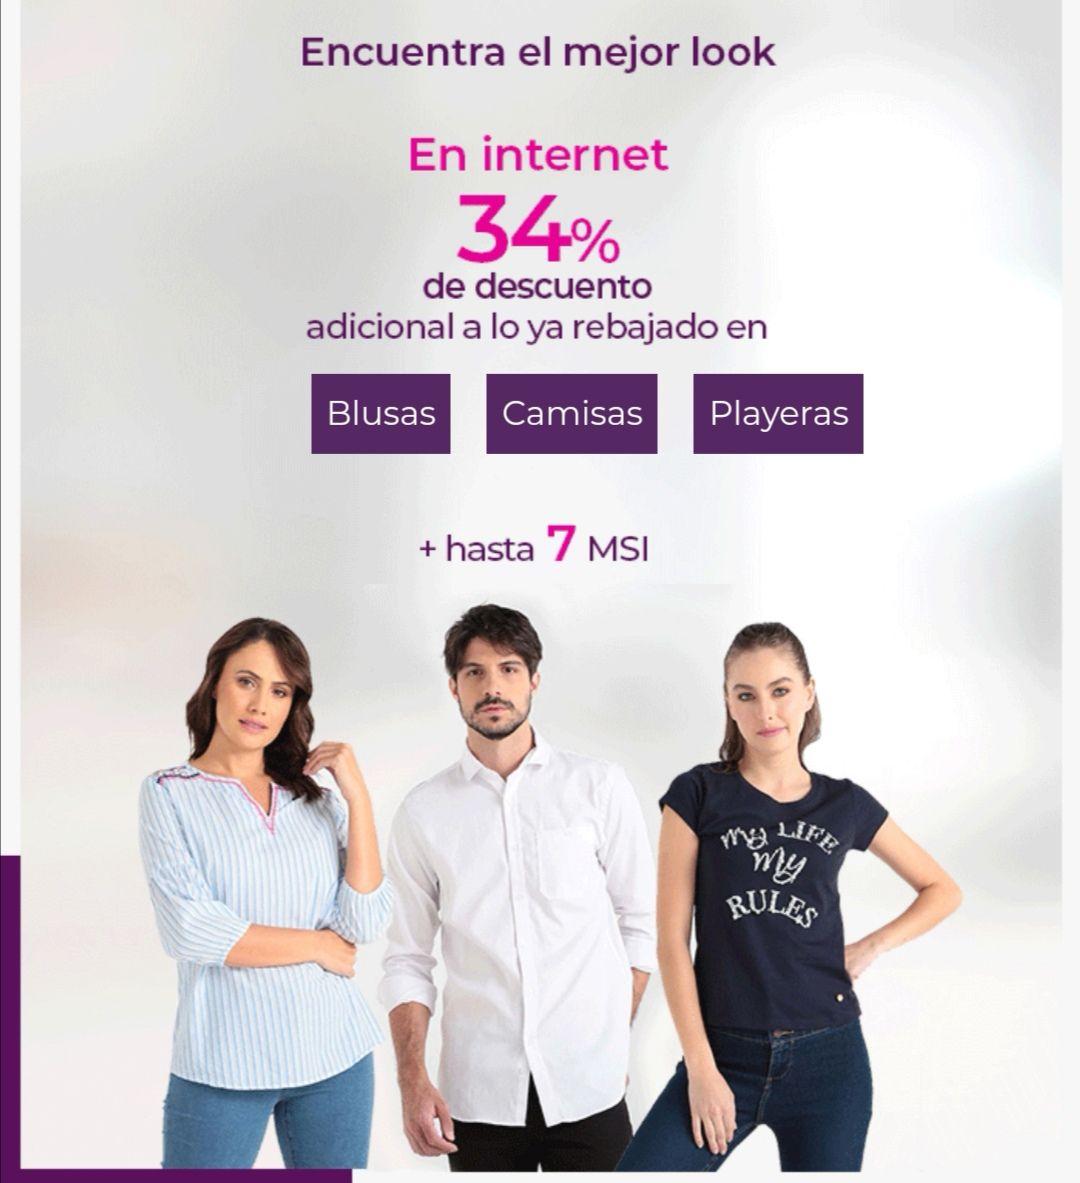 Suburbia: 34% de descuento en playeras, camisas y blusas